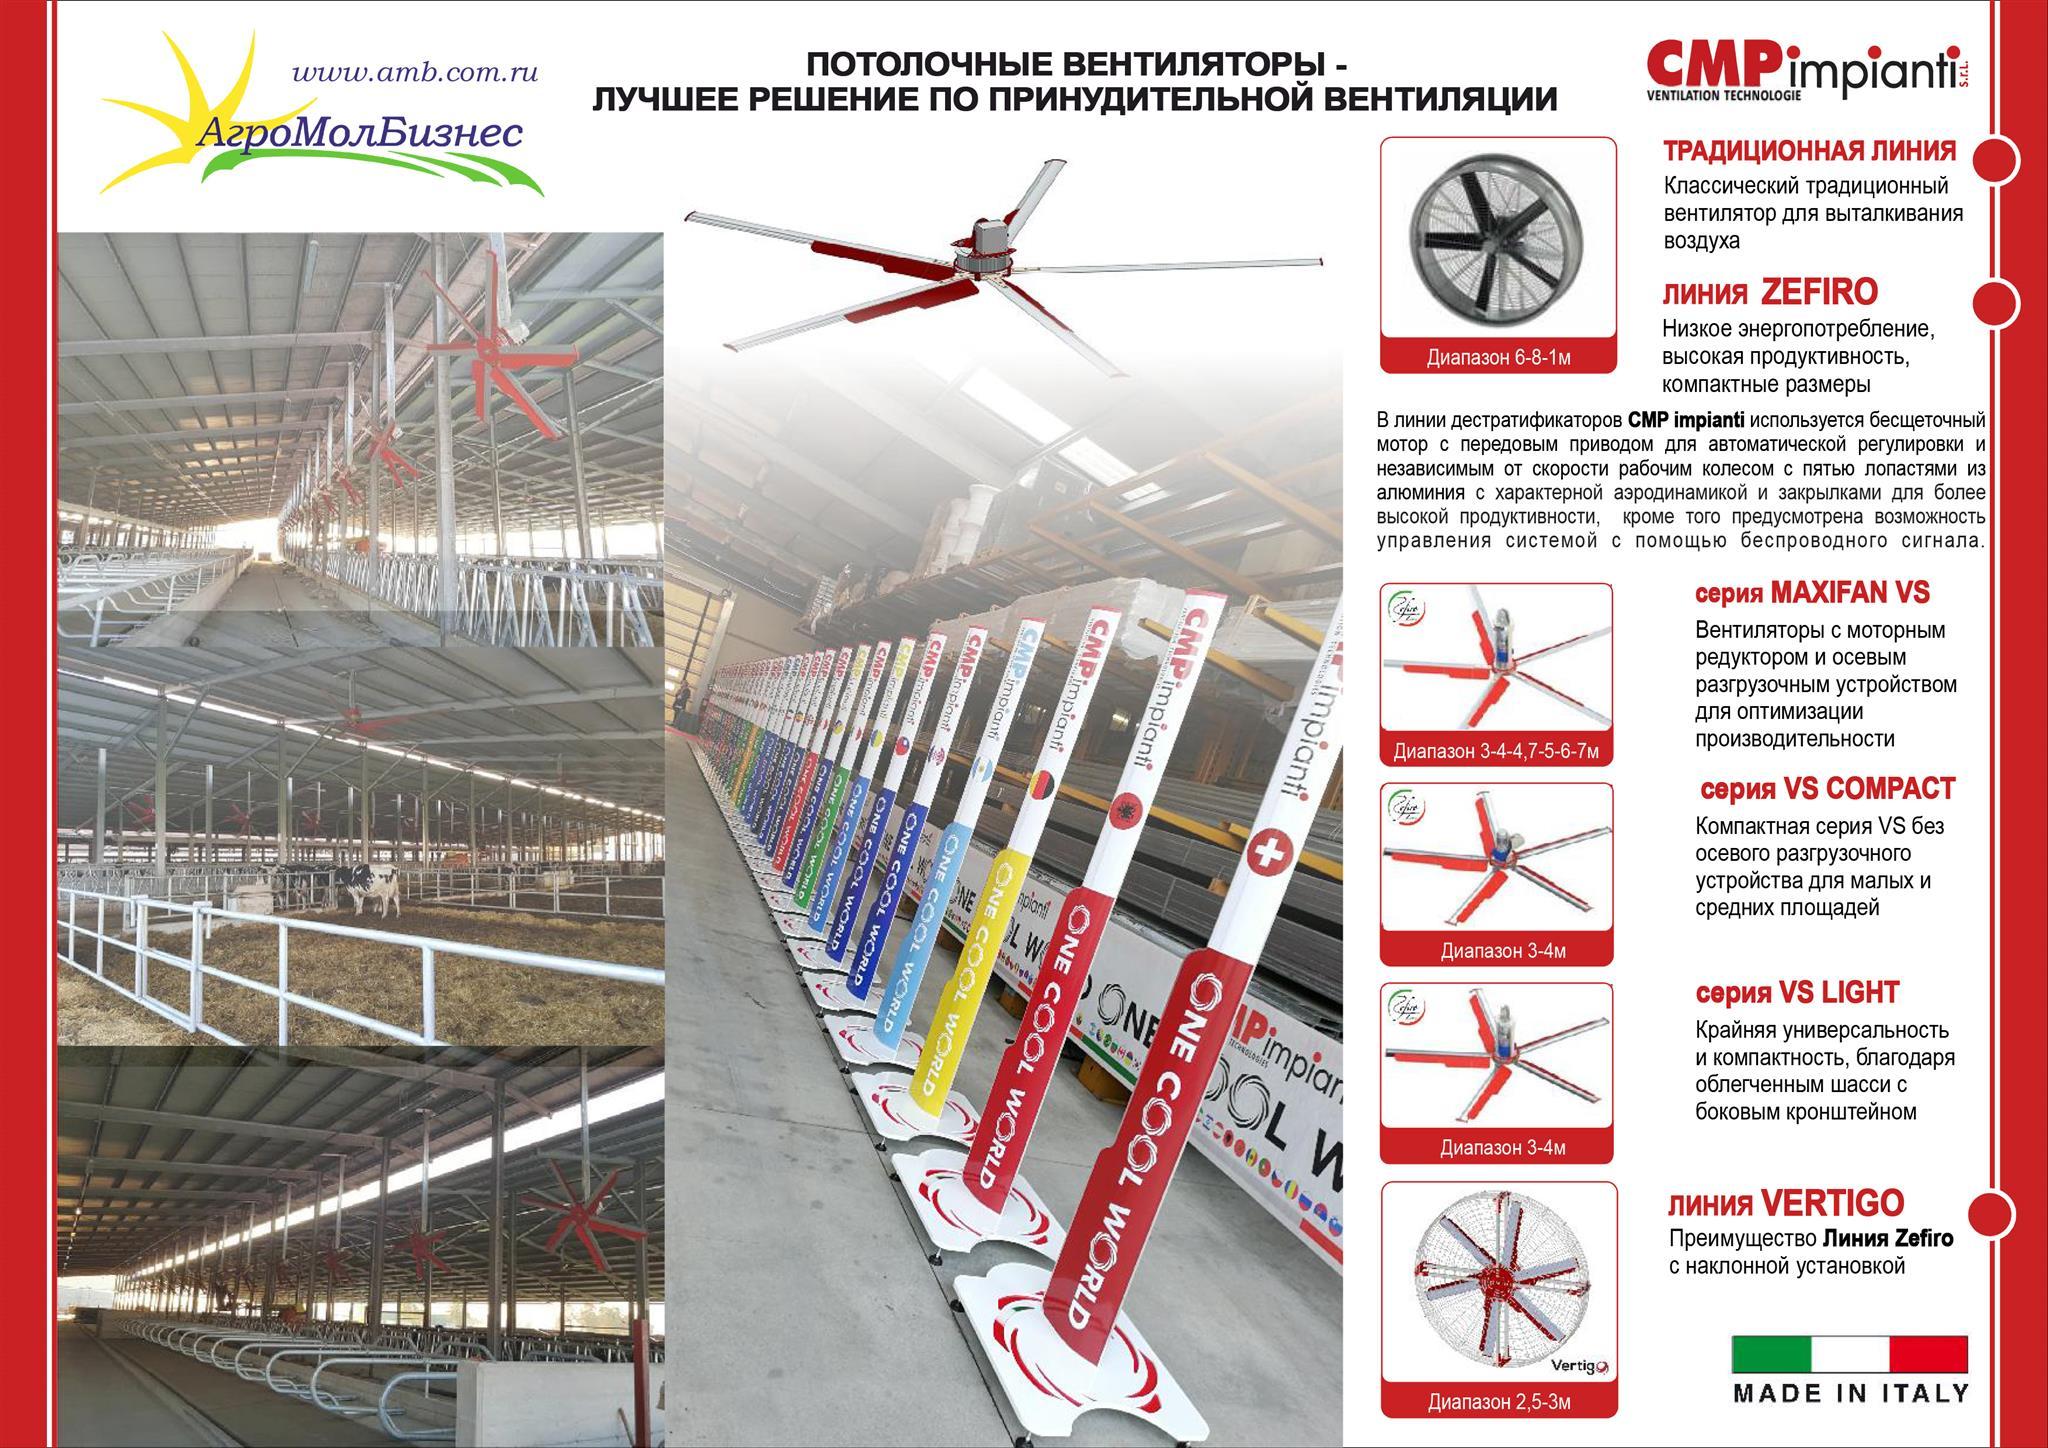 Вентиляционные технологии CMPimpianti